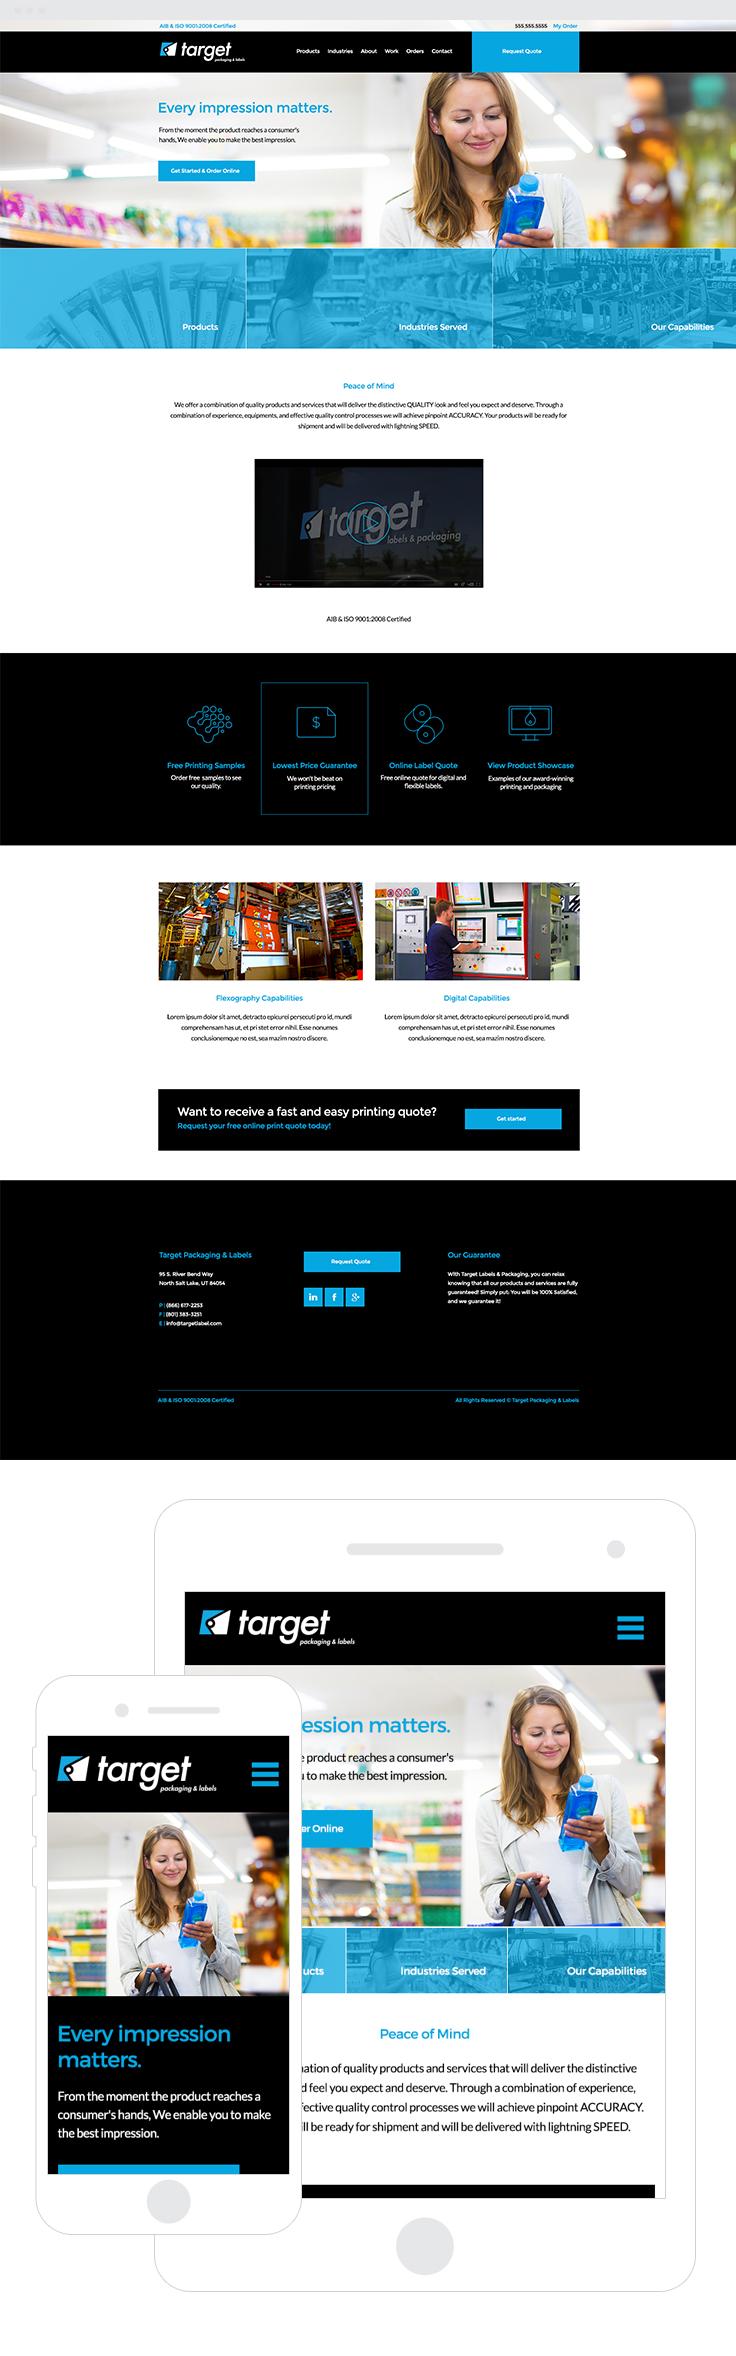 Target Labels Packaging Web Design Development Web Development Design Web Design Digital Web